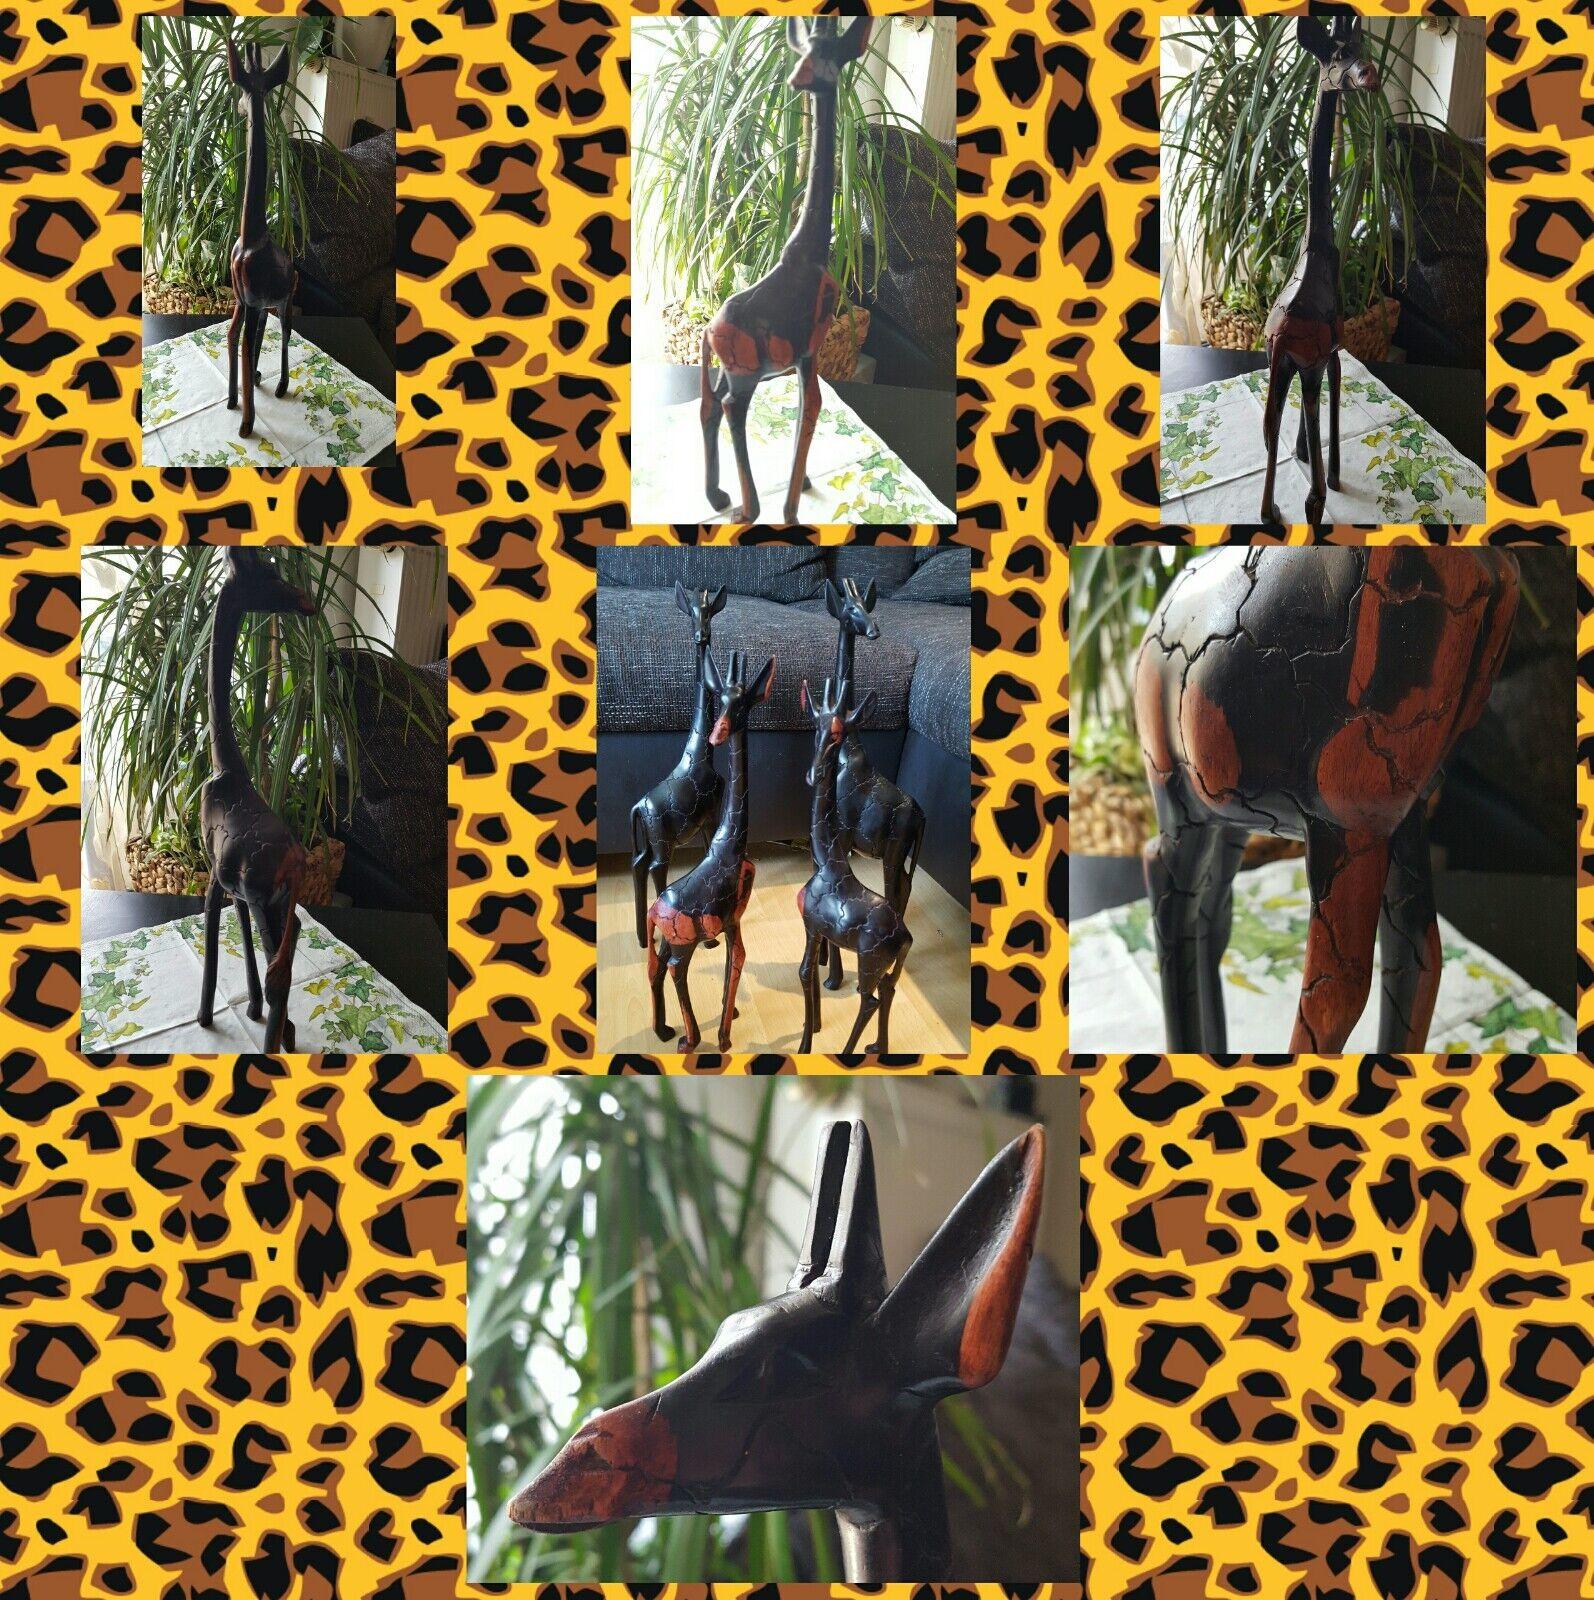 Afrika Deko Deko Deko Giraffen Figur  dekoration holz ca.41cm e39880